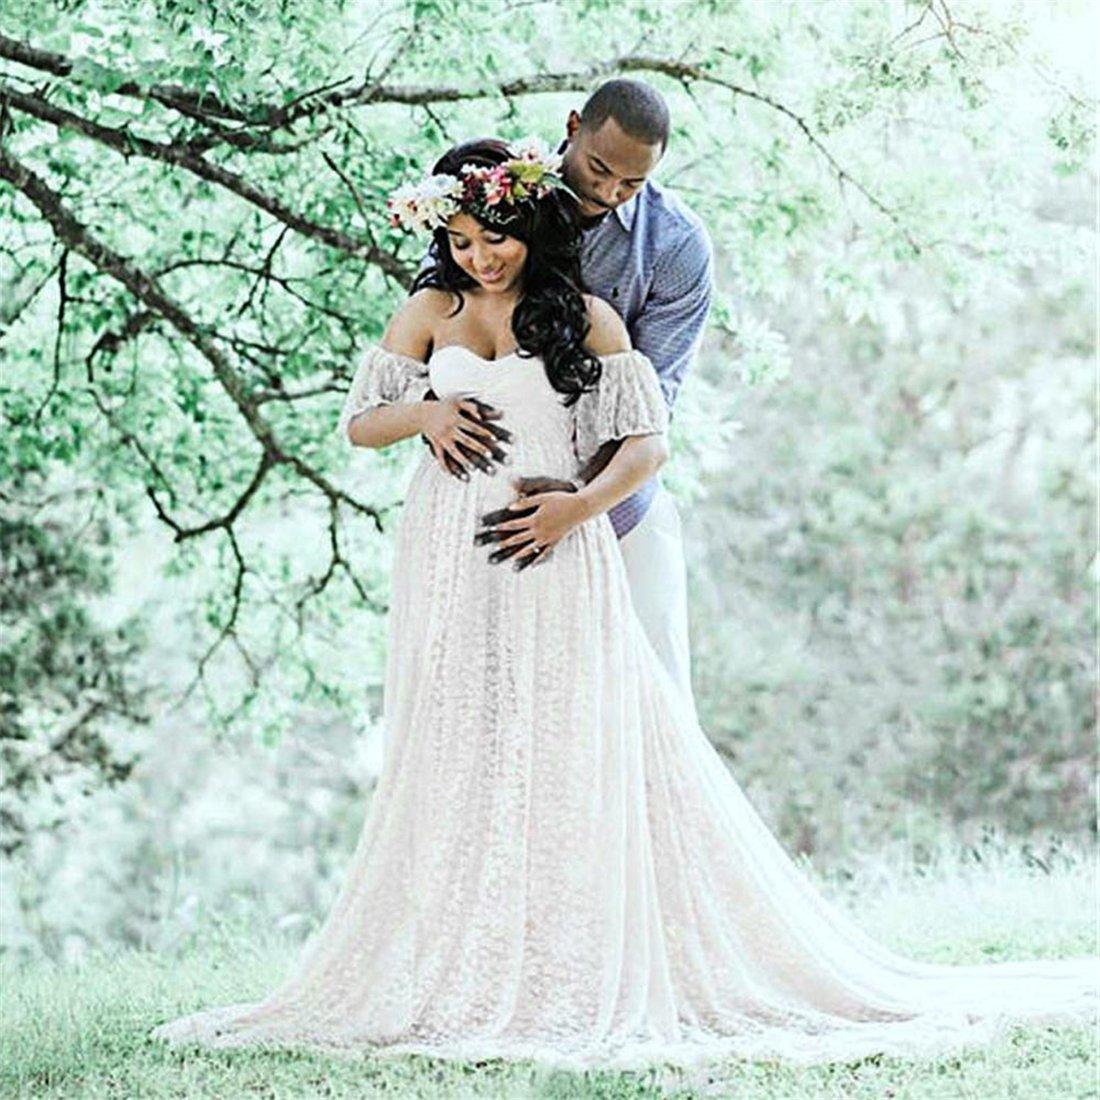 Amazon.com: Long Maternity Dress,Hemlock Women Lace Maternity Photo ...